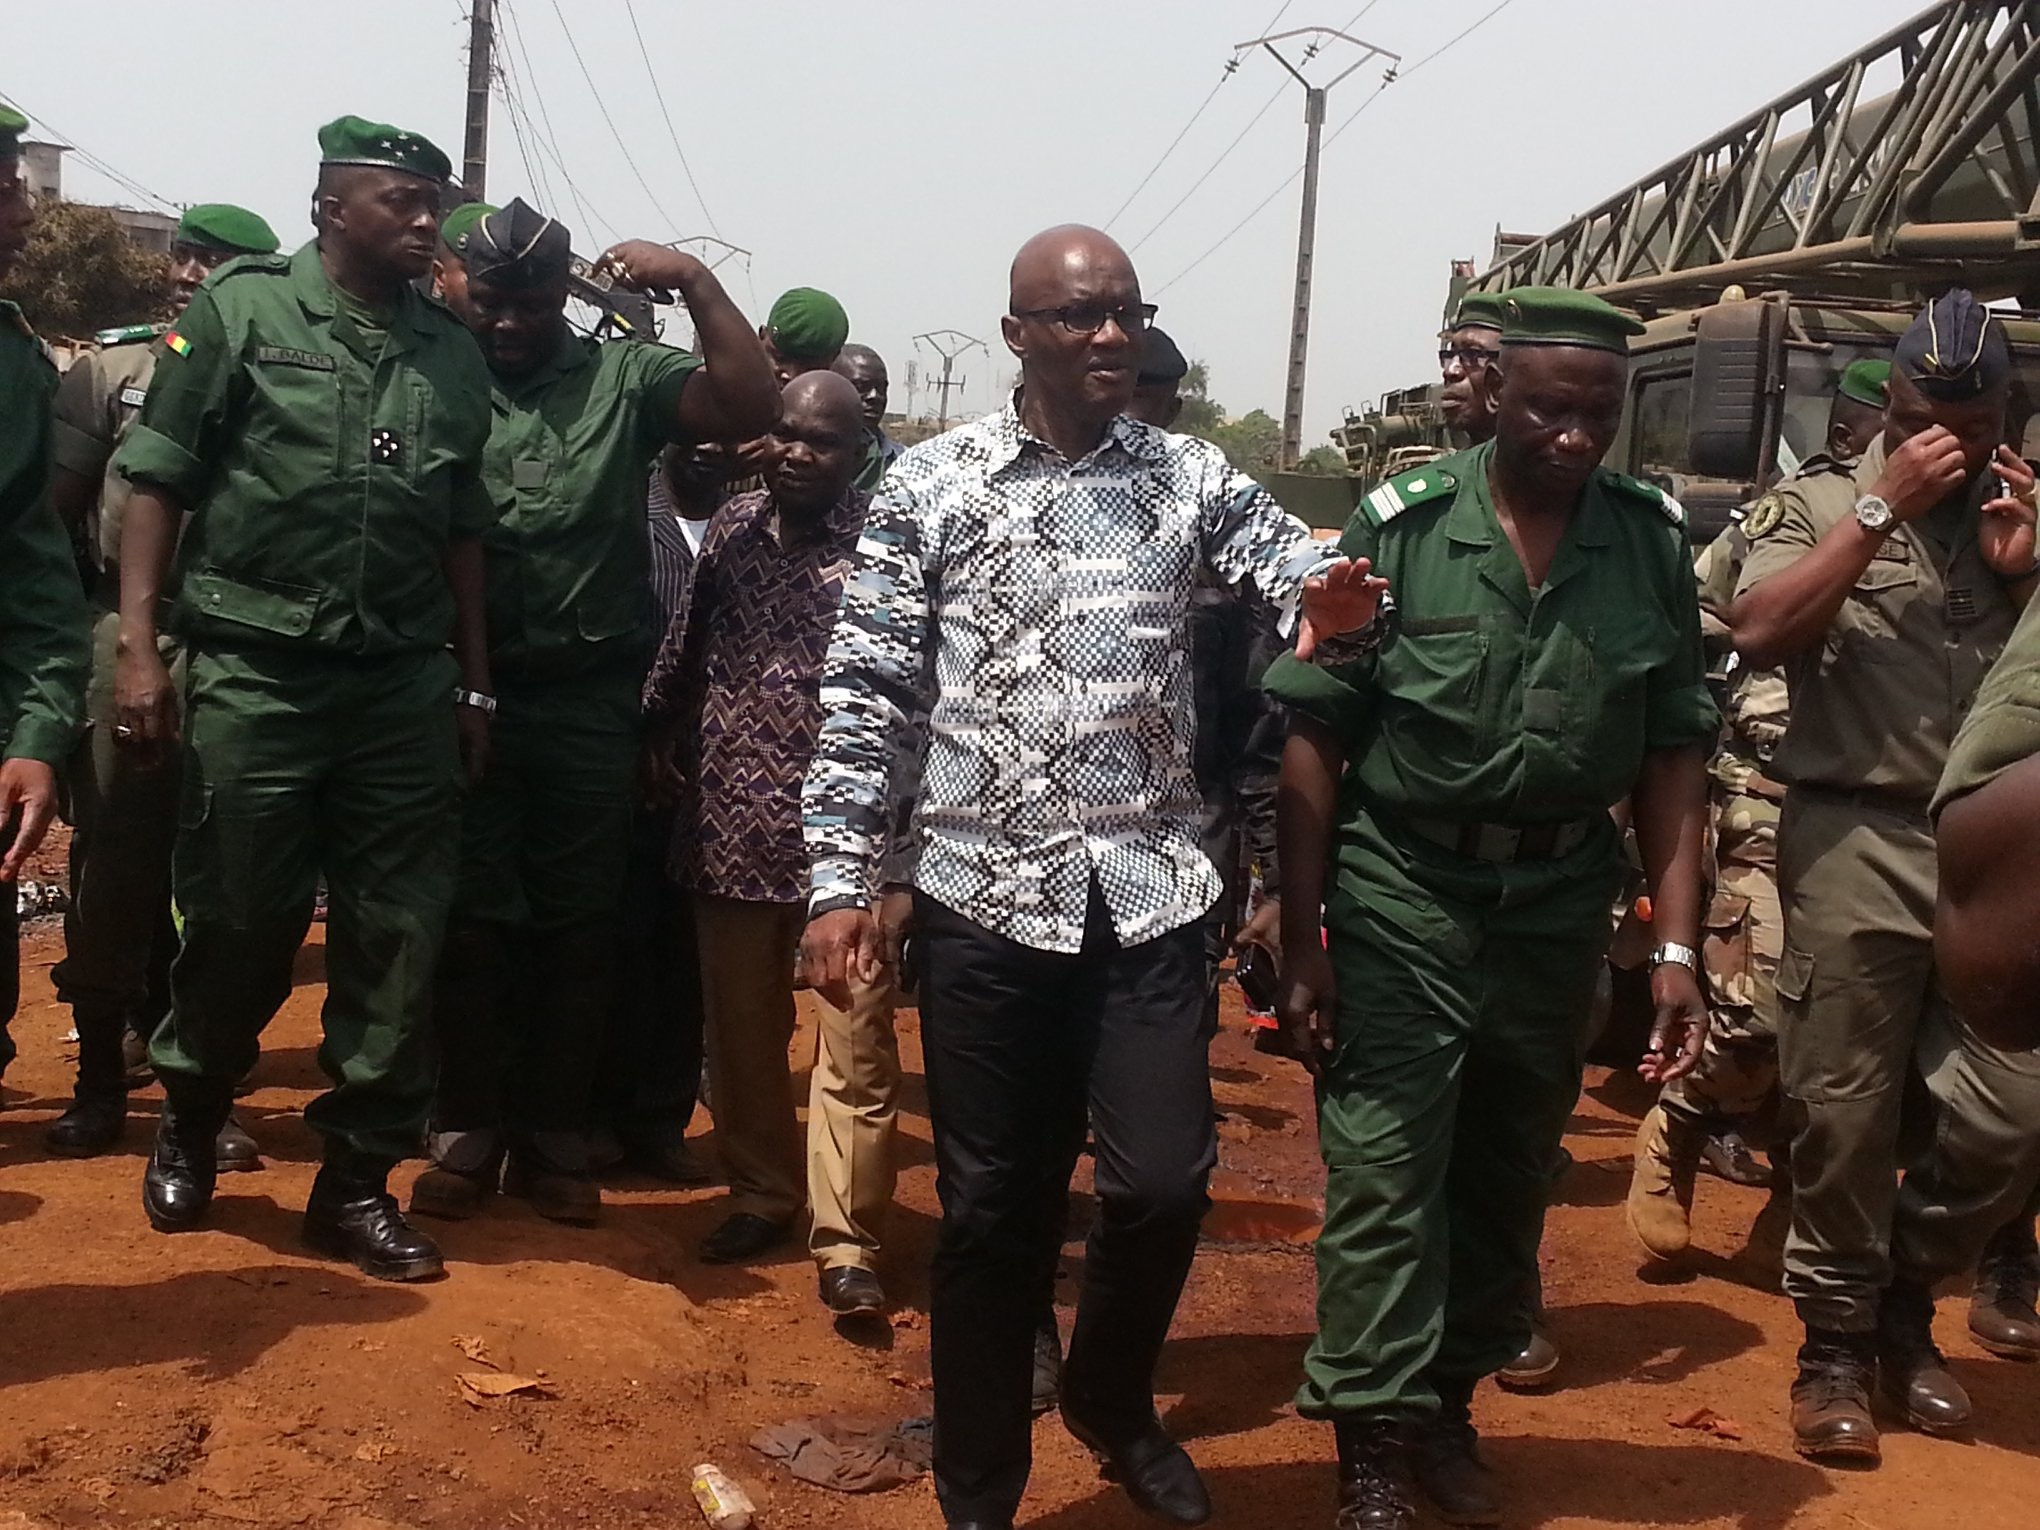 MVAT : Déguerpissement des occupants illégaux du centre Directionnel de Koloma, devenu une réalité